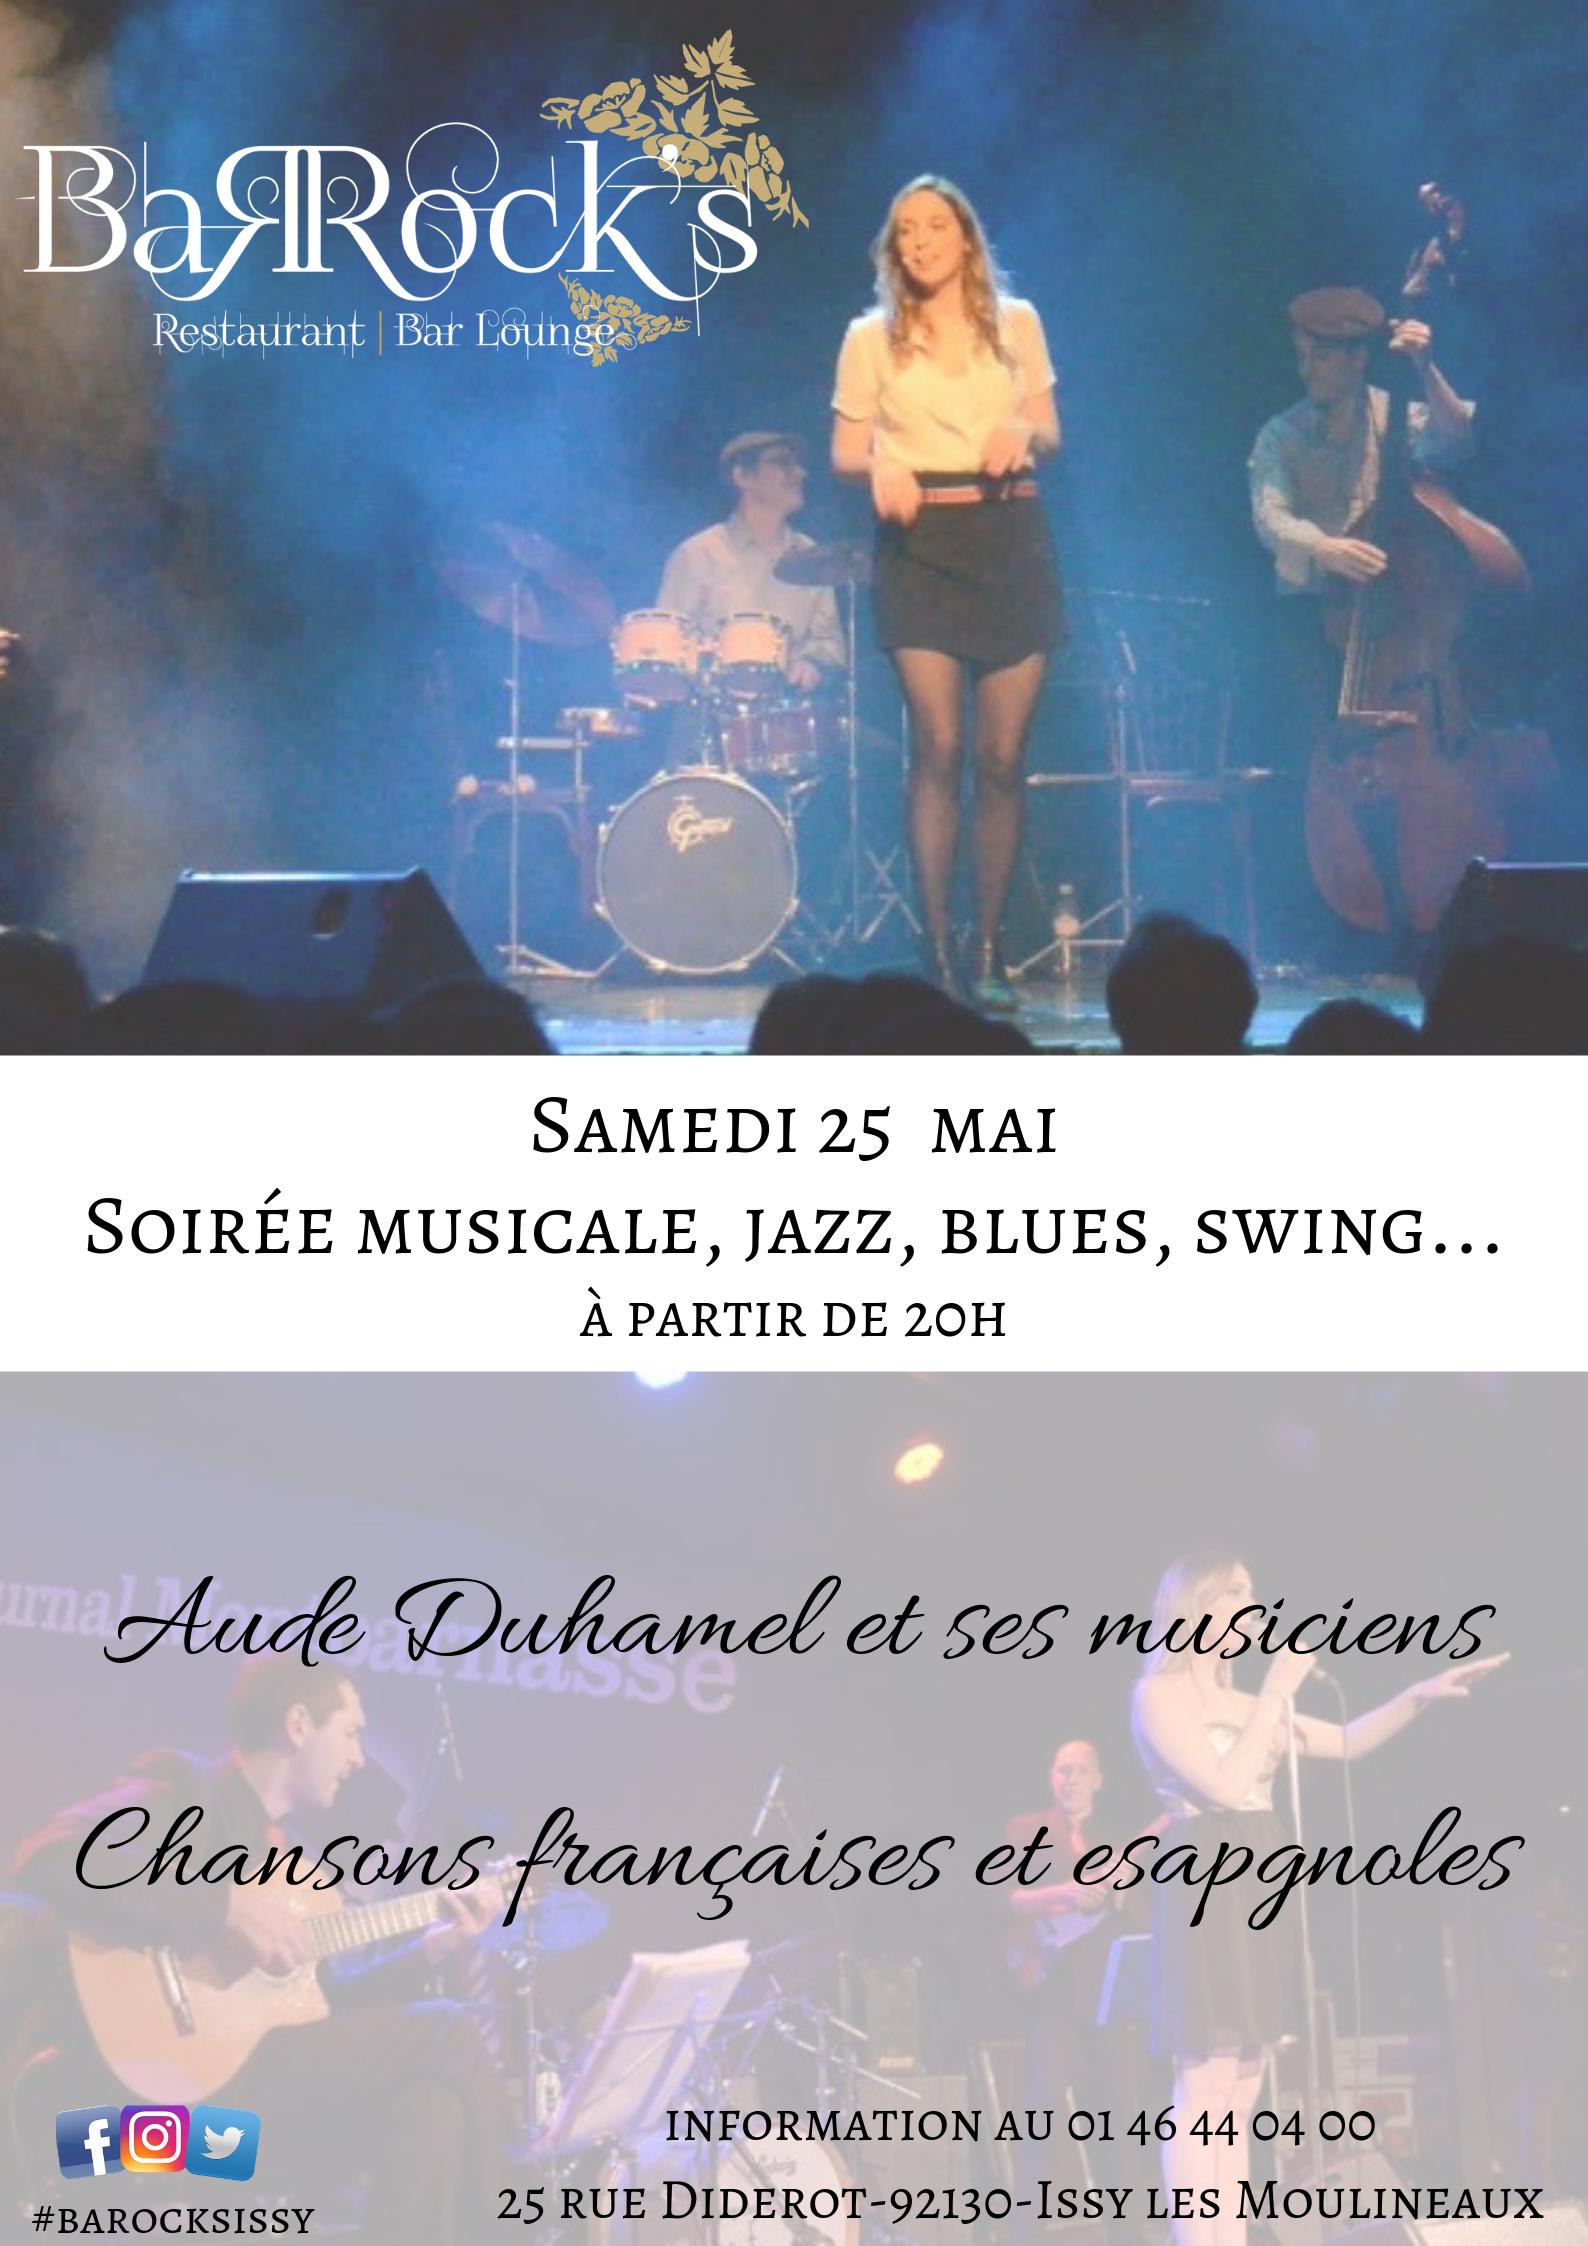 Aude Duhamel et ses musiciens